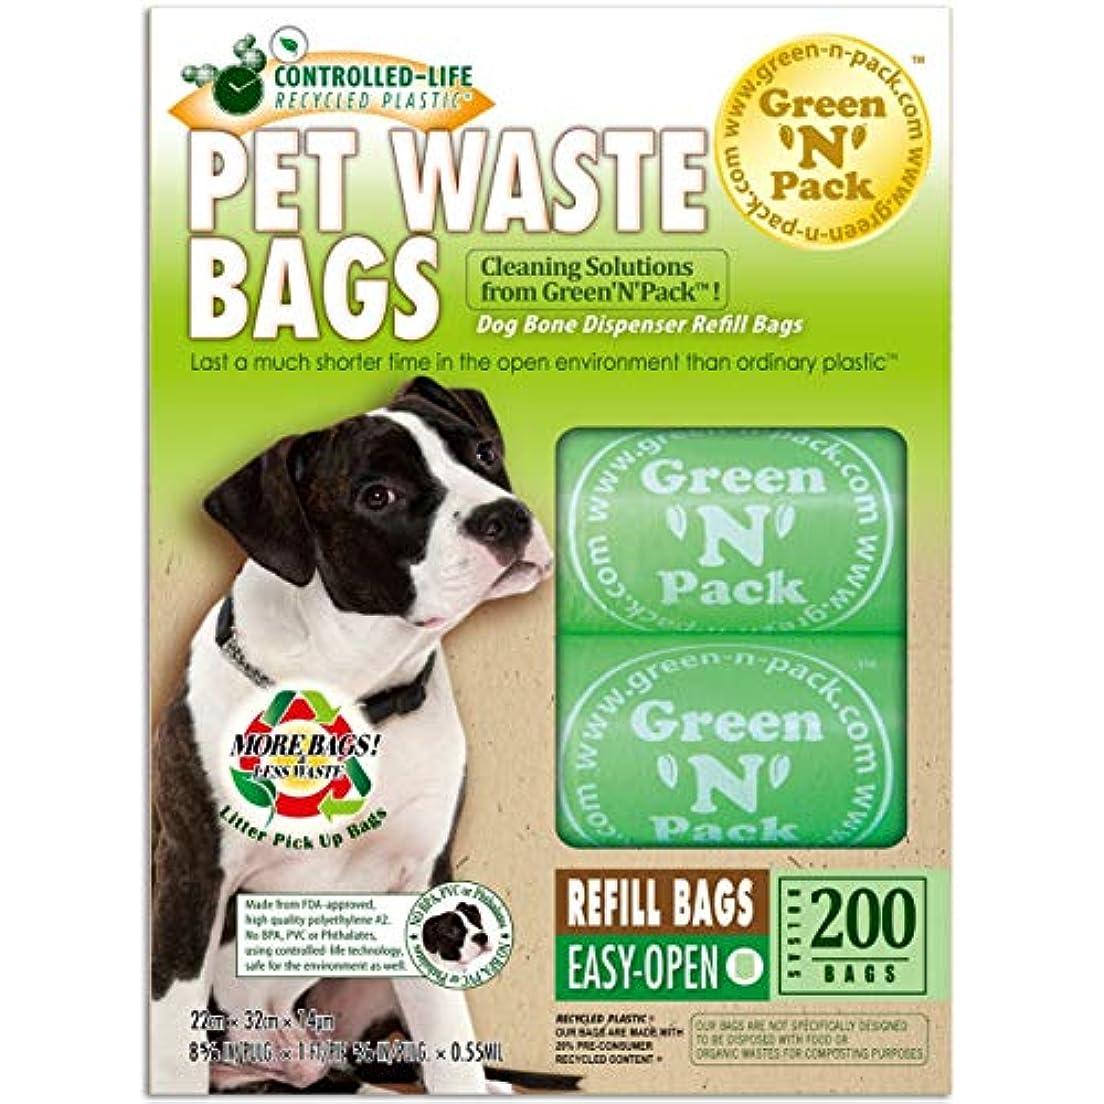 満足できるクリアアトミックGreen 'N' Pack Eco Friendly Bags - 犬Pooは日 75 パックを袋に入れる - 200バッグ